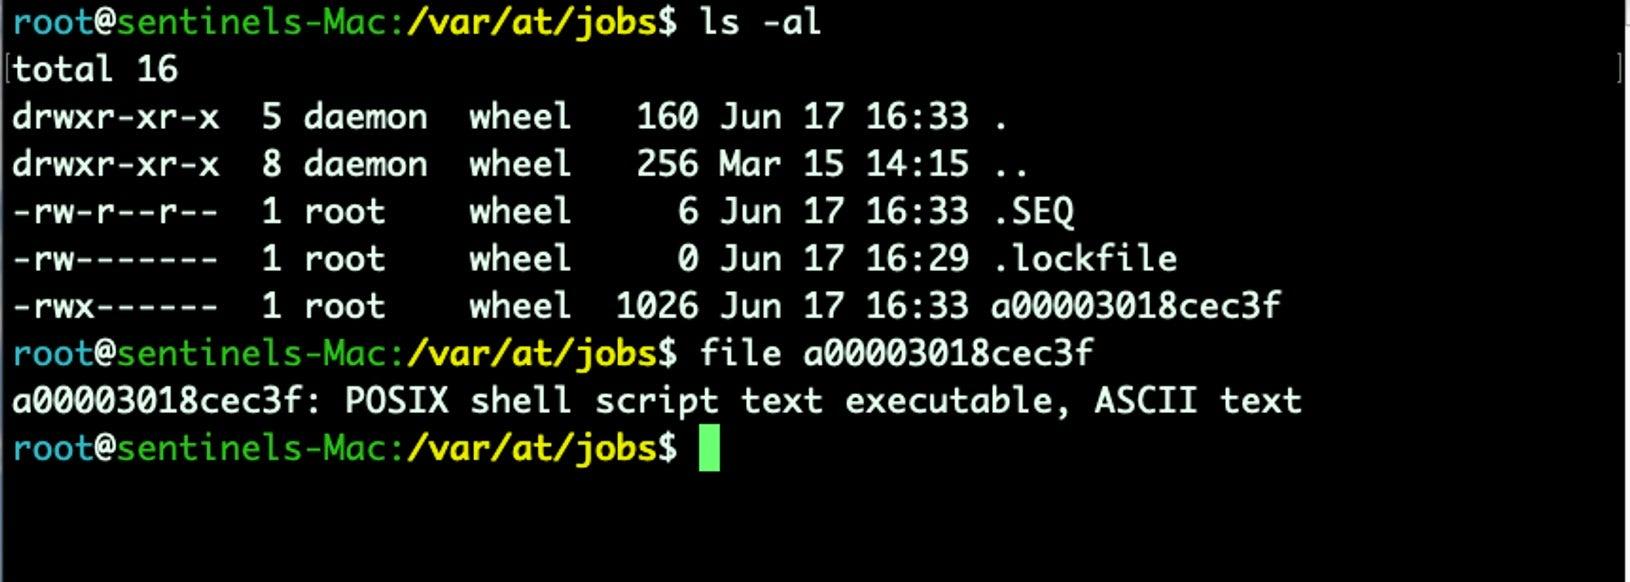 image of at jobs